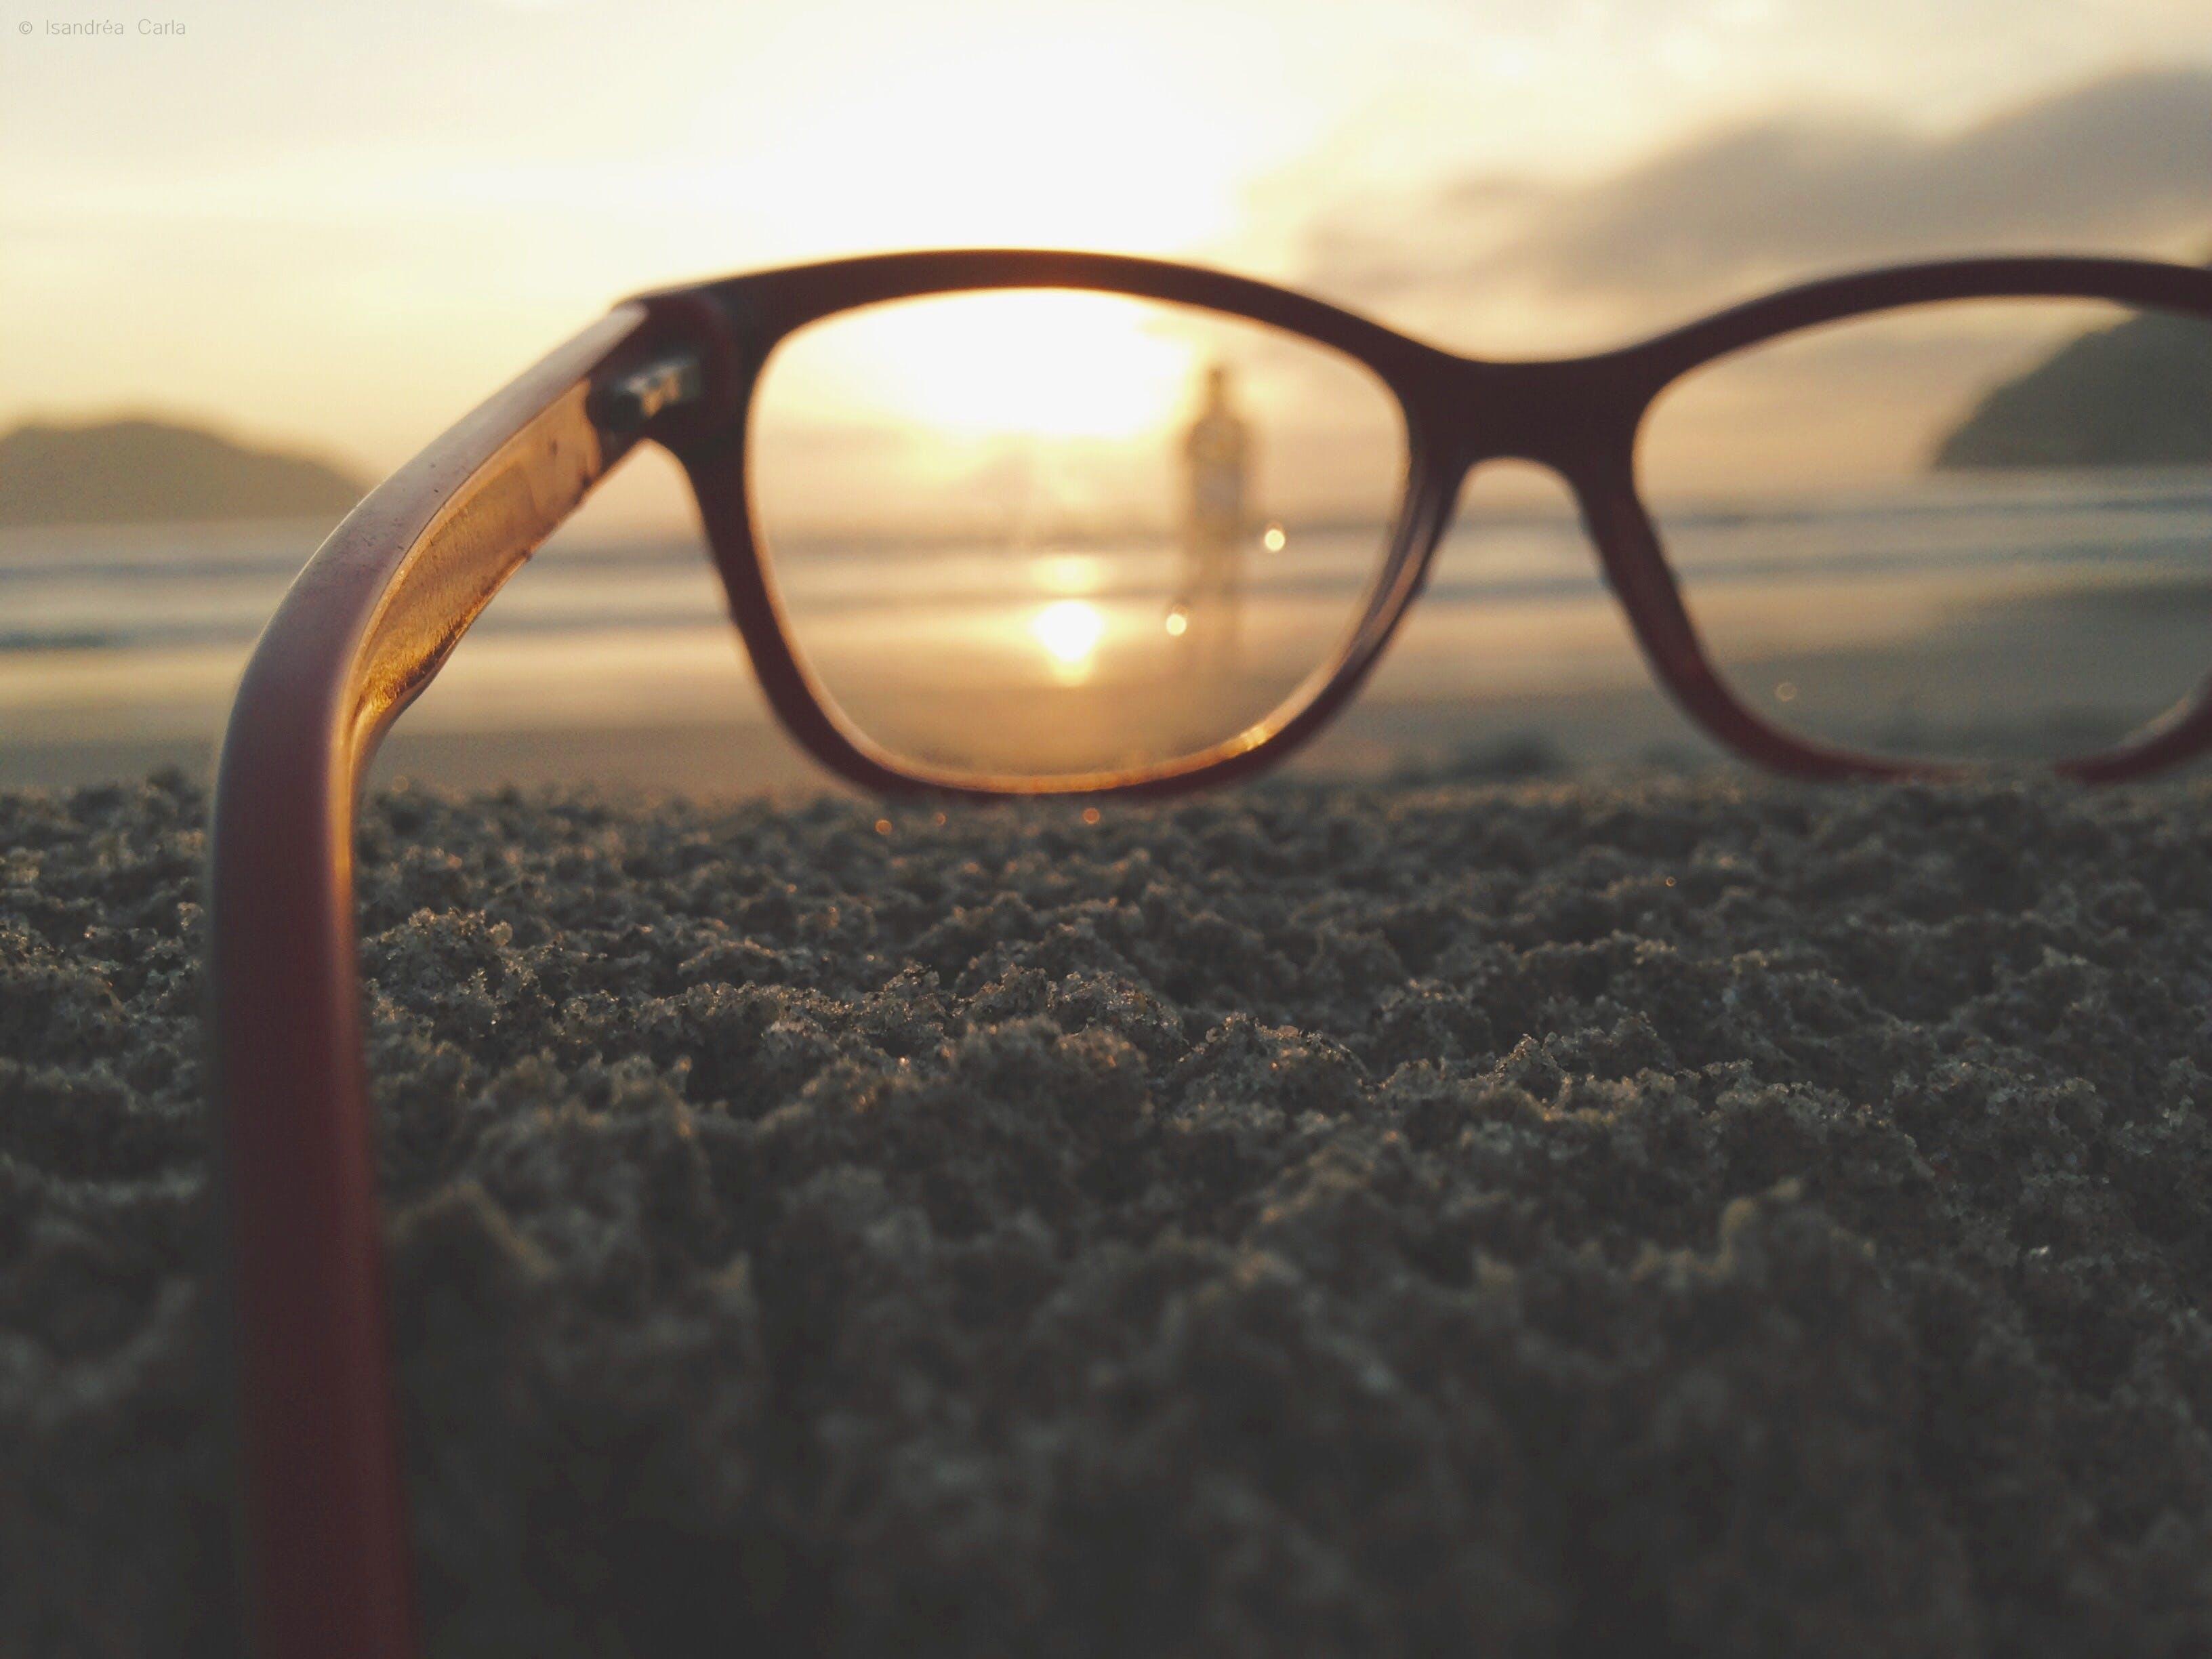 Δωρεάν στοκ φωτογραφιών με #mobilechallenge, #models, #γυαλιά, #θάλασσα